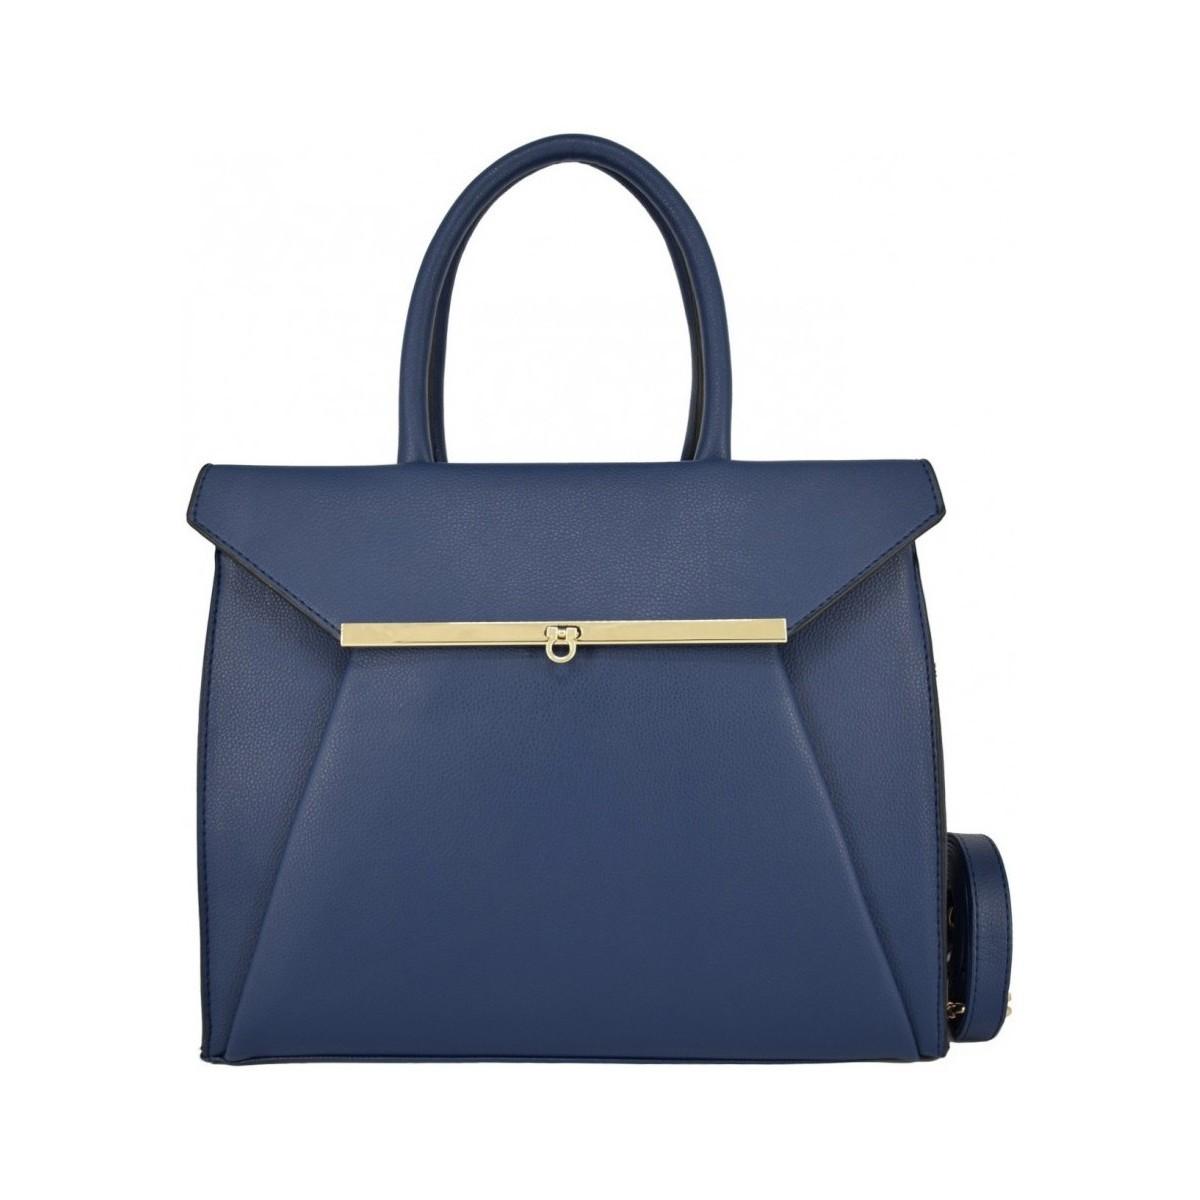 fb63d800f3 Crazychic Sac à Main Cabas Fourre-Tout à Tourniquet bleu - Sacs Sacs porté main  Femme 36,99 €